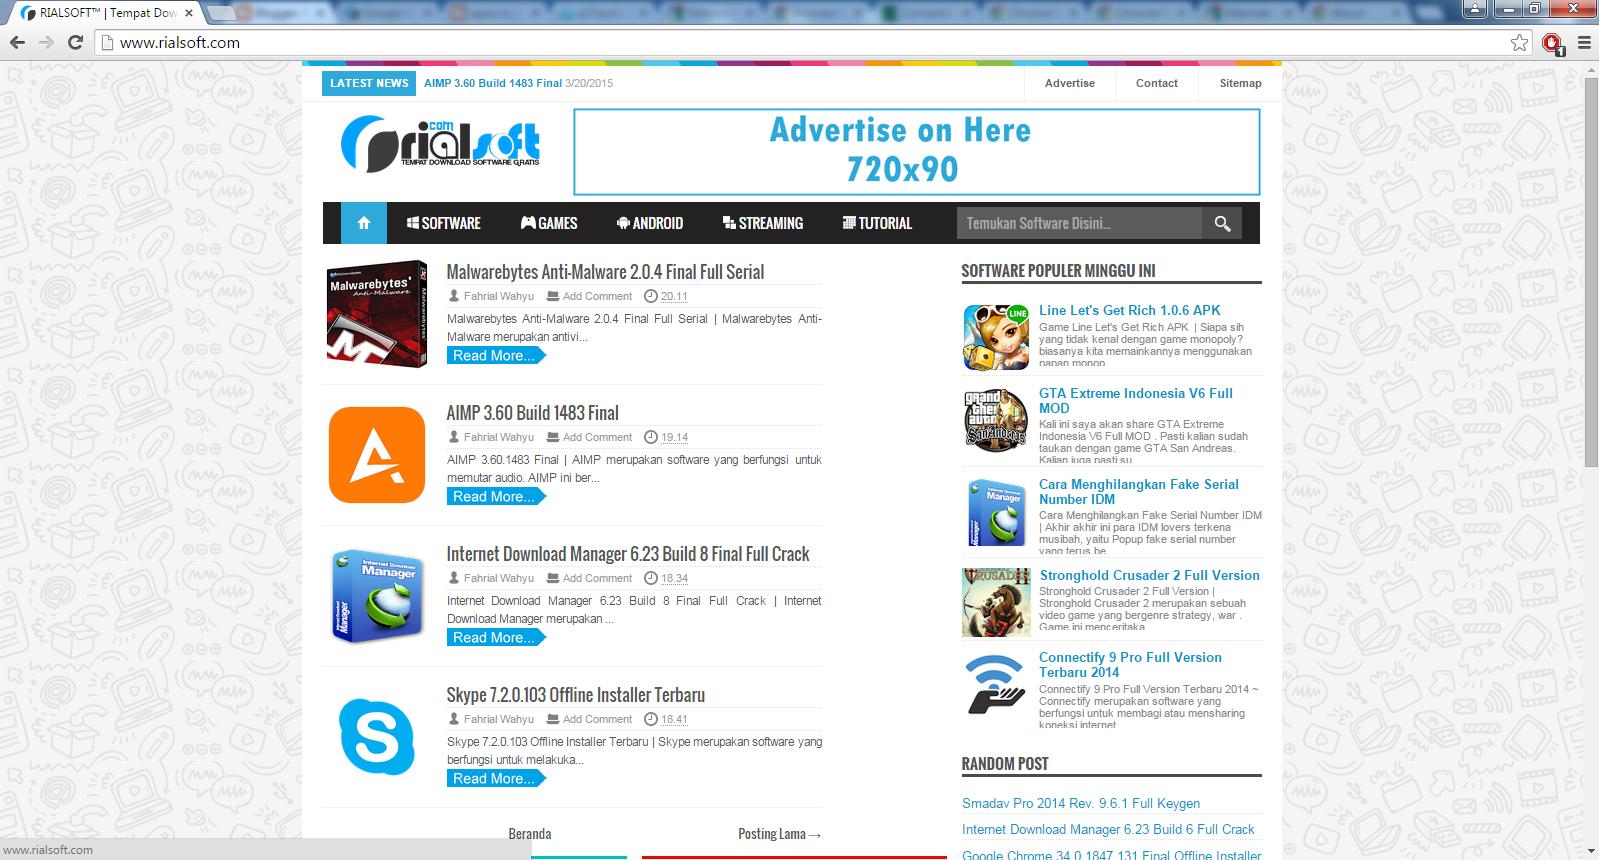 Google Chrome 43.0.2357.65 Stable Offline Installer